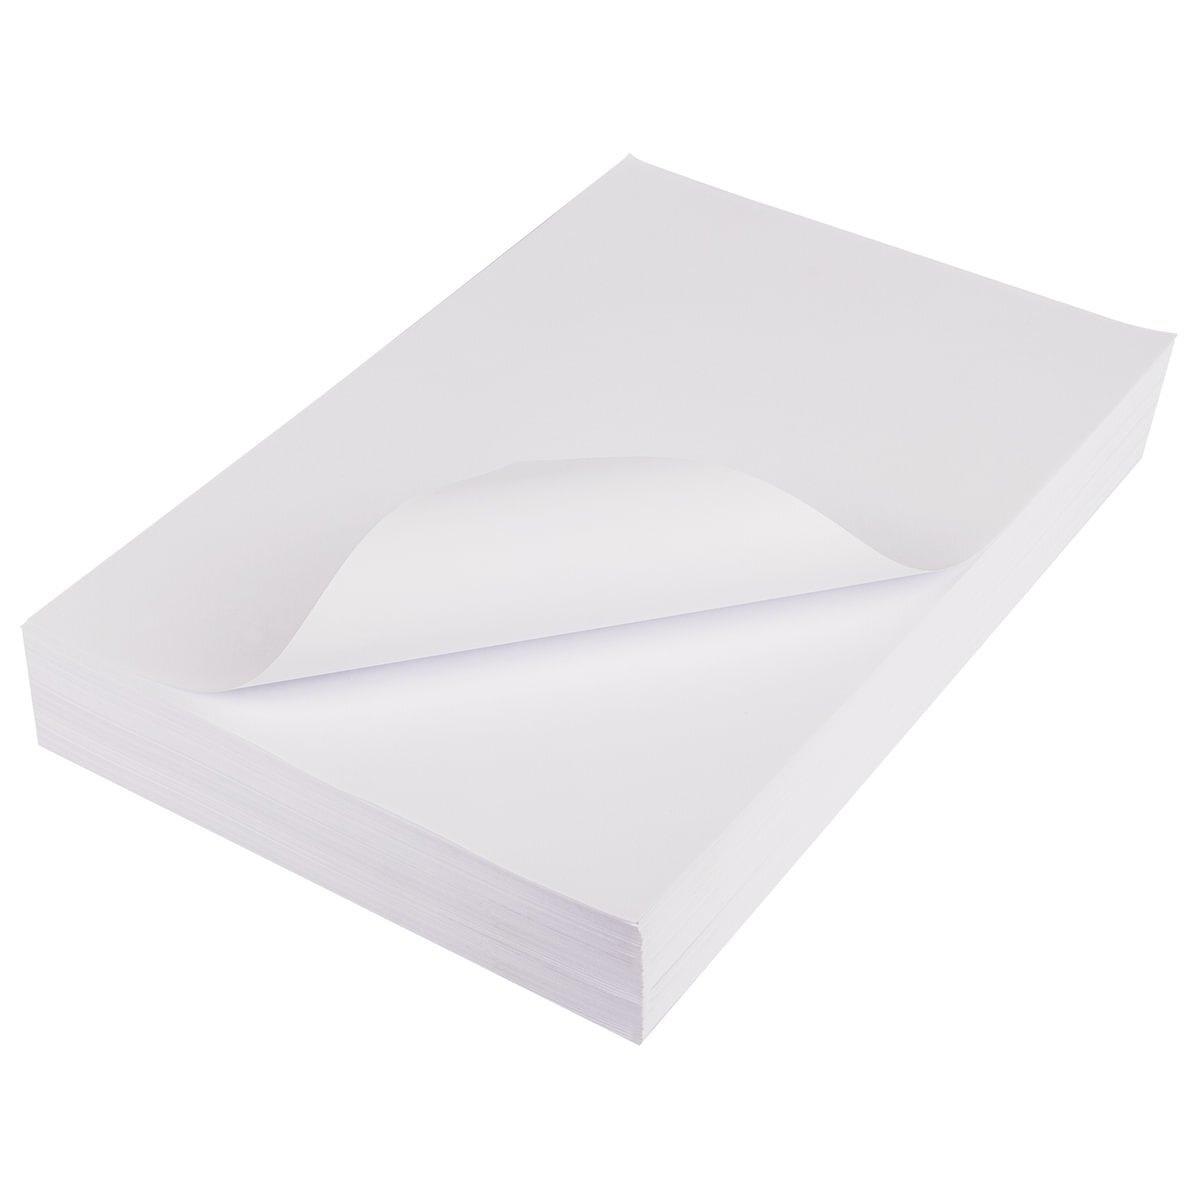 Бумага А4 500 листов для принтера белая для рисования творчества  #1